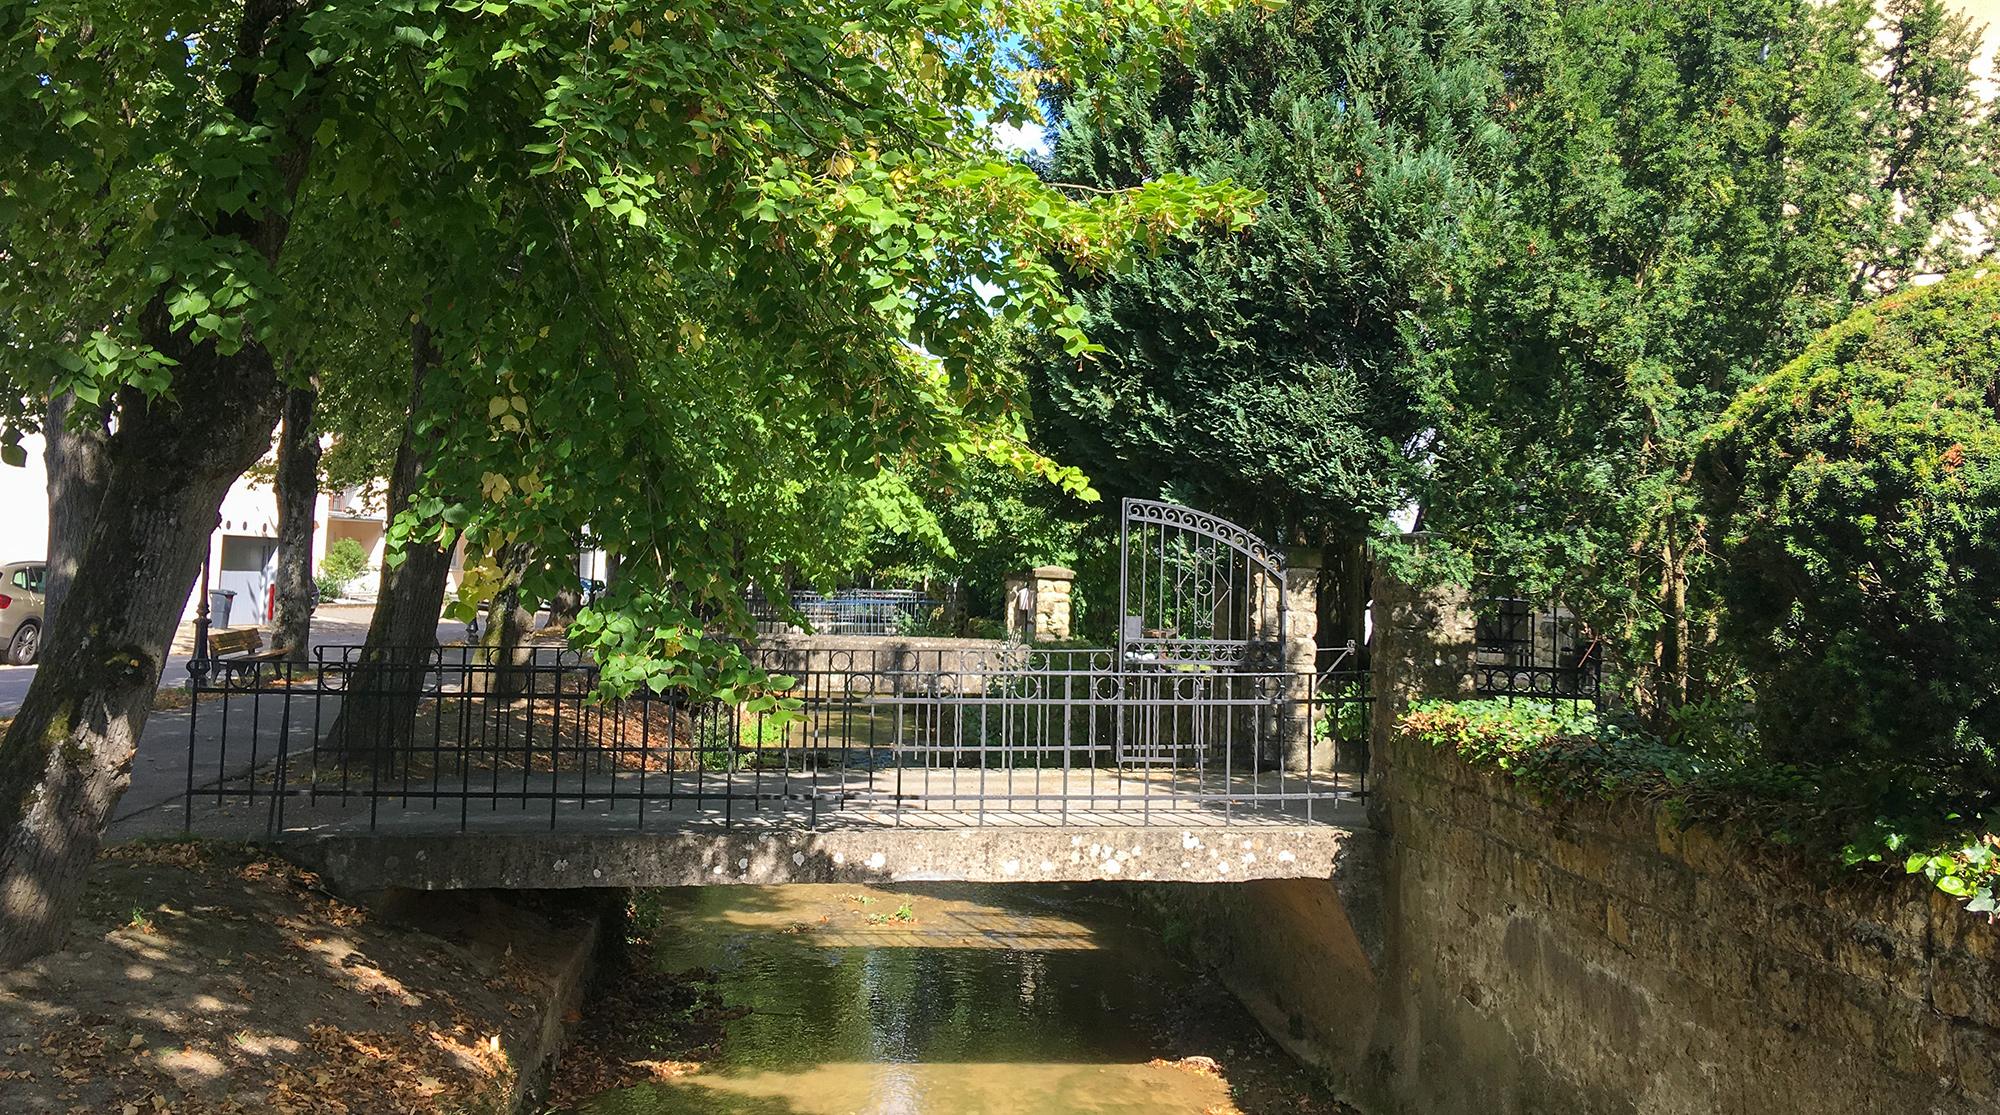 Bachlauf mit Brücken, die von der Strasse zu den Häusern führen in Echternach